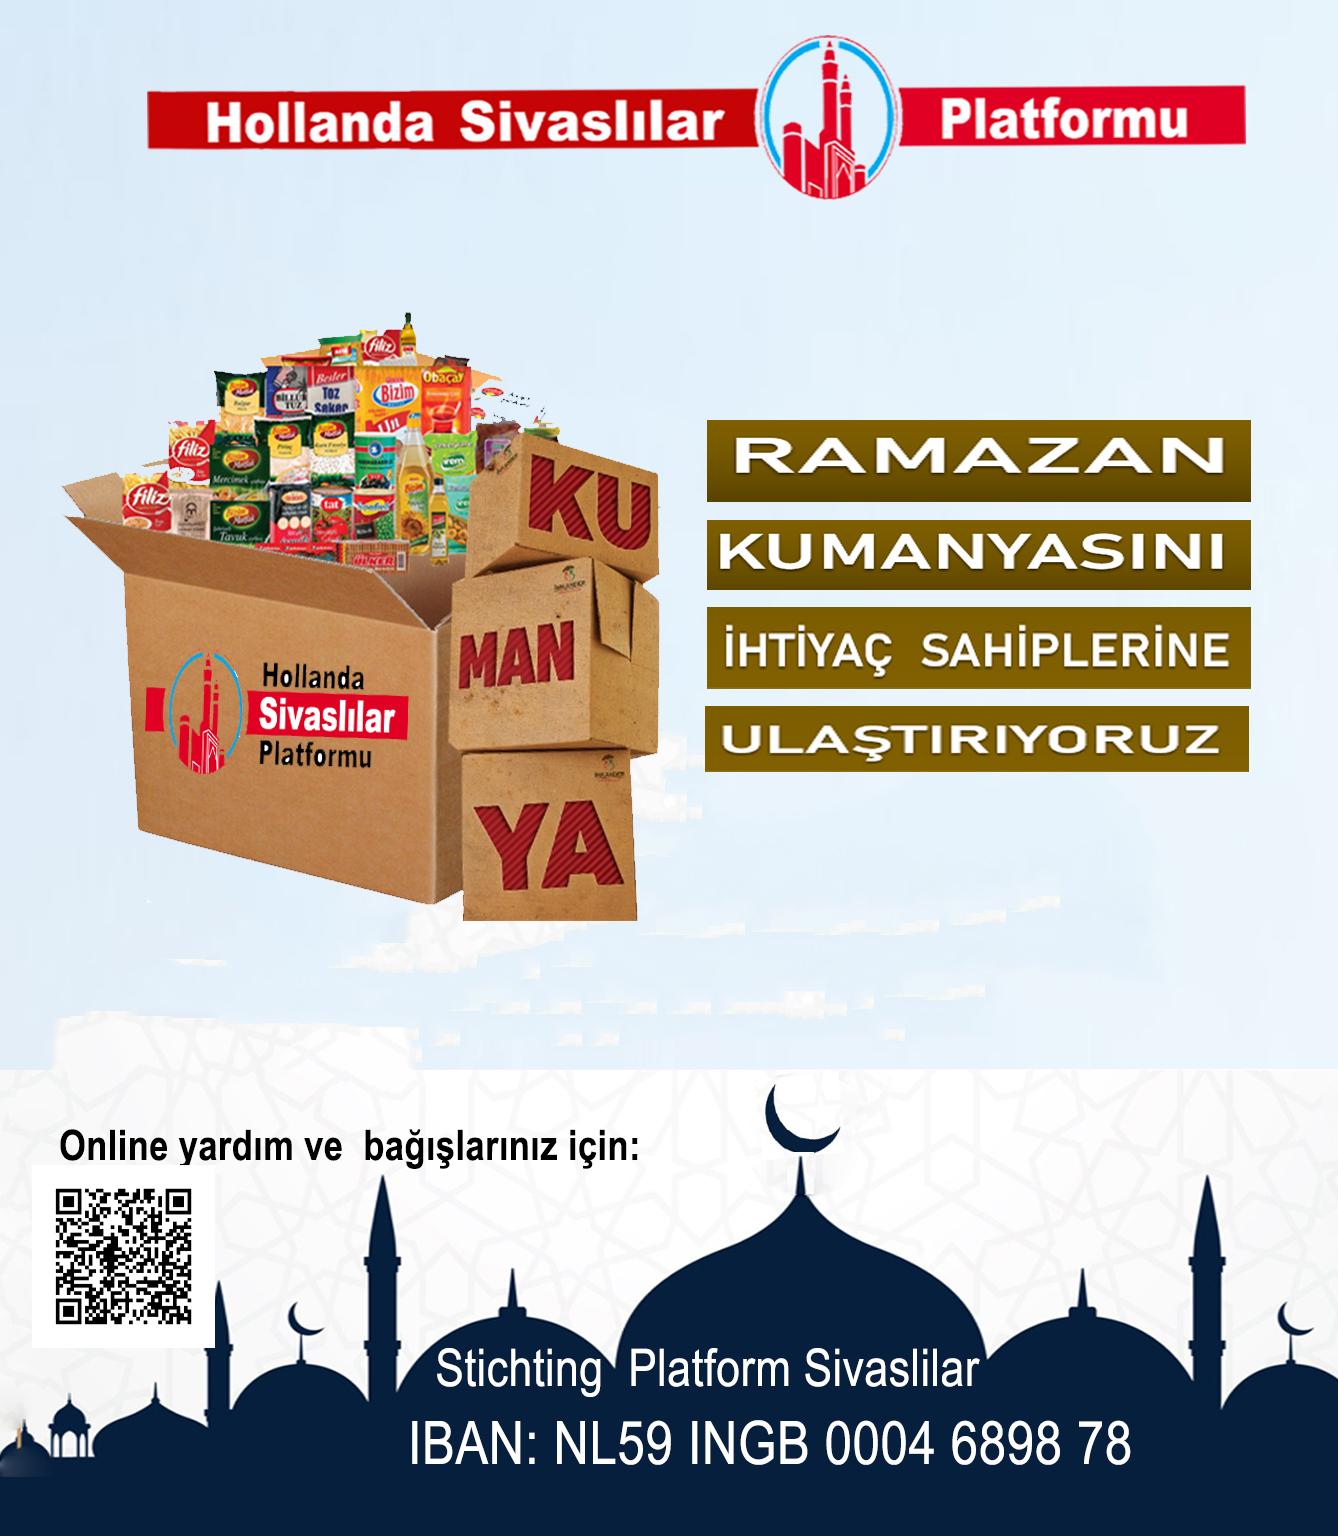 İhtiyaç Sahiplerine Ramazan kumanyası yardımı